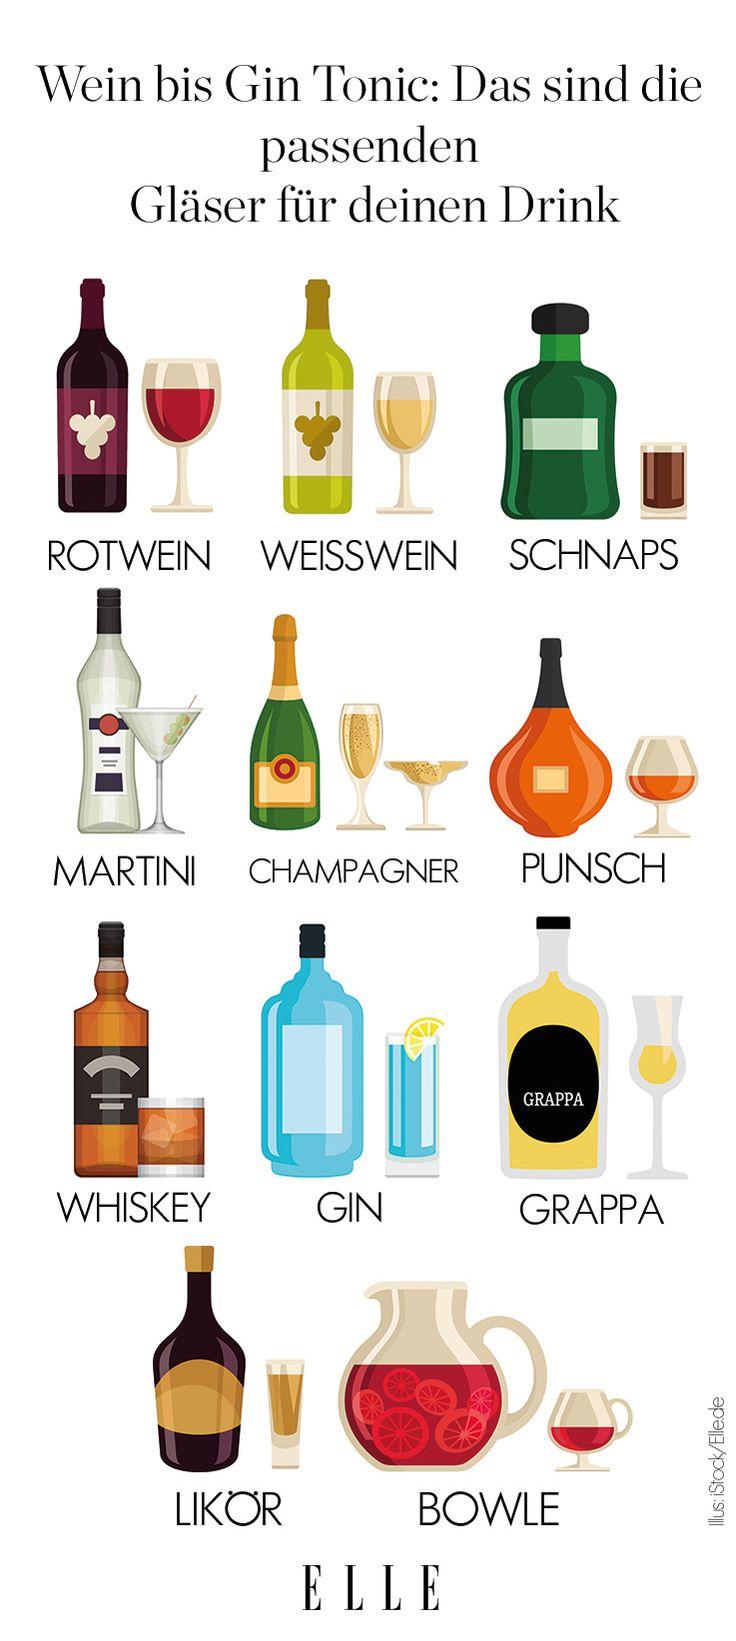 Gute Drinks beeindrucken Gäste am meisten. Genauso wichtig wie Champagner, Gin Tonic & Co. sind jedoch die passenden Gläser. Deshalb haben wir hier die wichtigsten Gläser zu den beliebtesten Getränken zusammengestellt. Cheers! #drinks #glassart #drinking #lifestyle